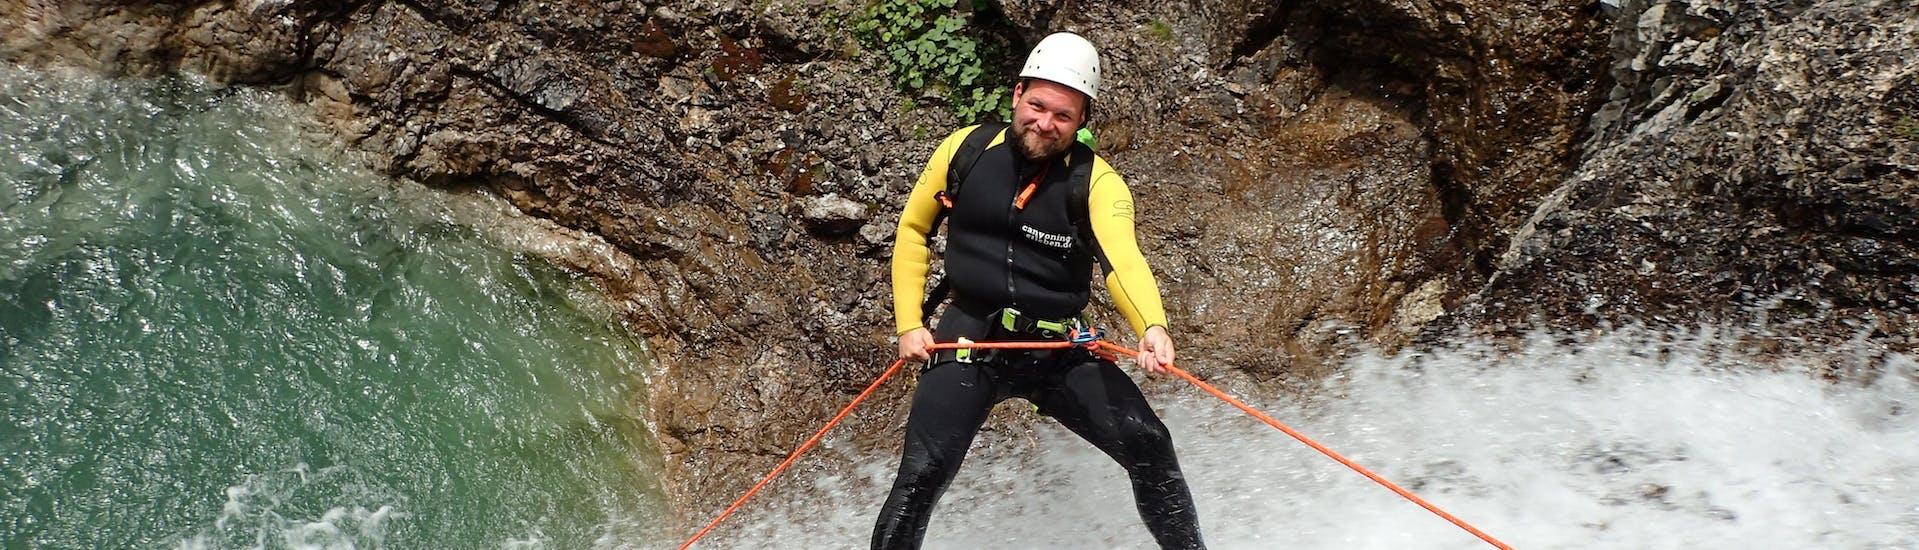 Bei der Extrem Canyoning Tour im Allgäu mit canyoning erleben seilt sich ein Teilnehmer über einen Wasserfall ab.